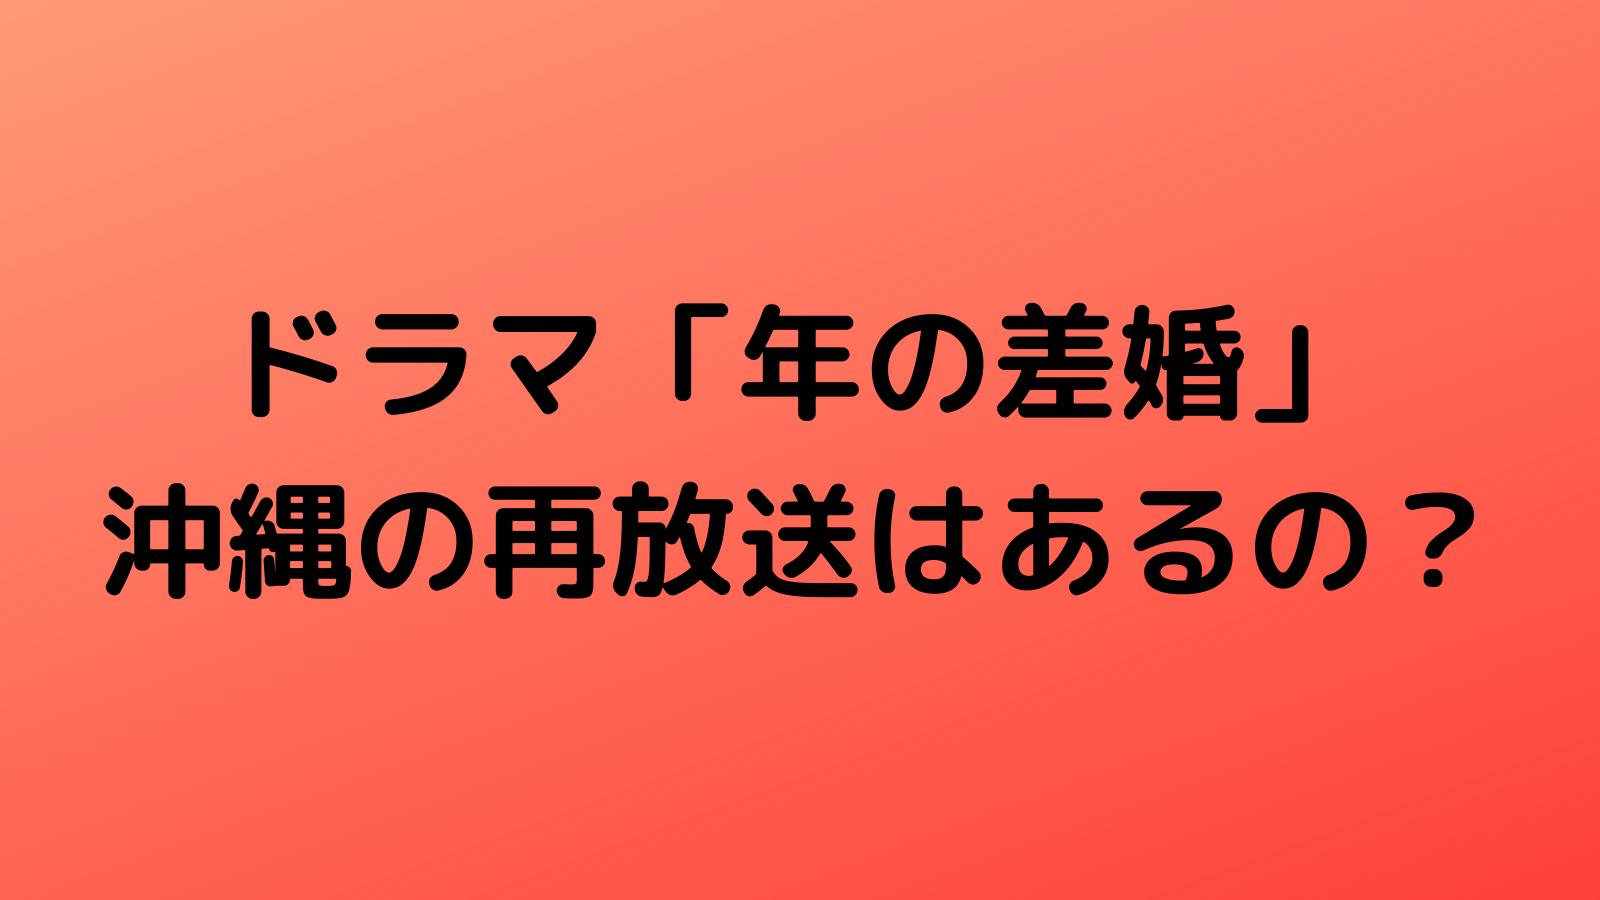 ドラマ「年の差婚」沖縄で再放送予定はある?放送日程や時間・放送日まとめ!